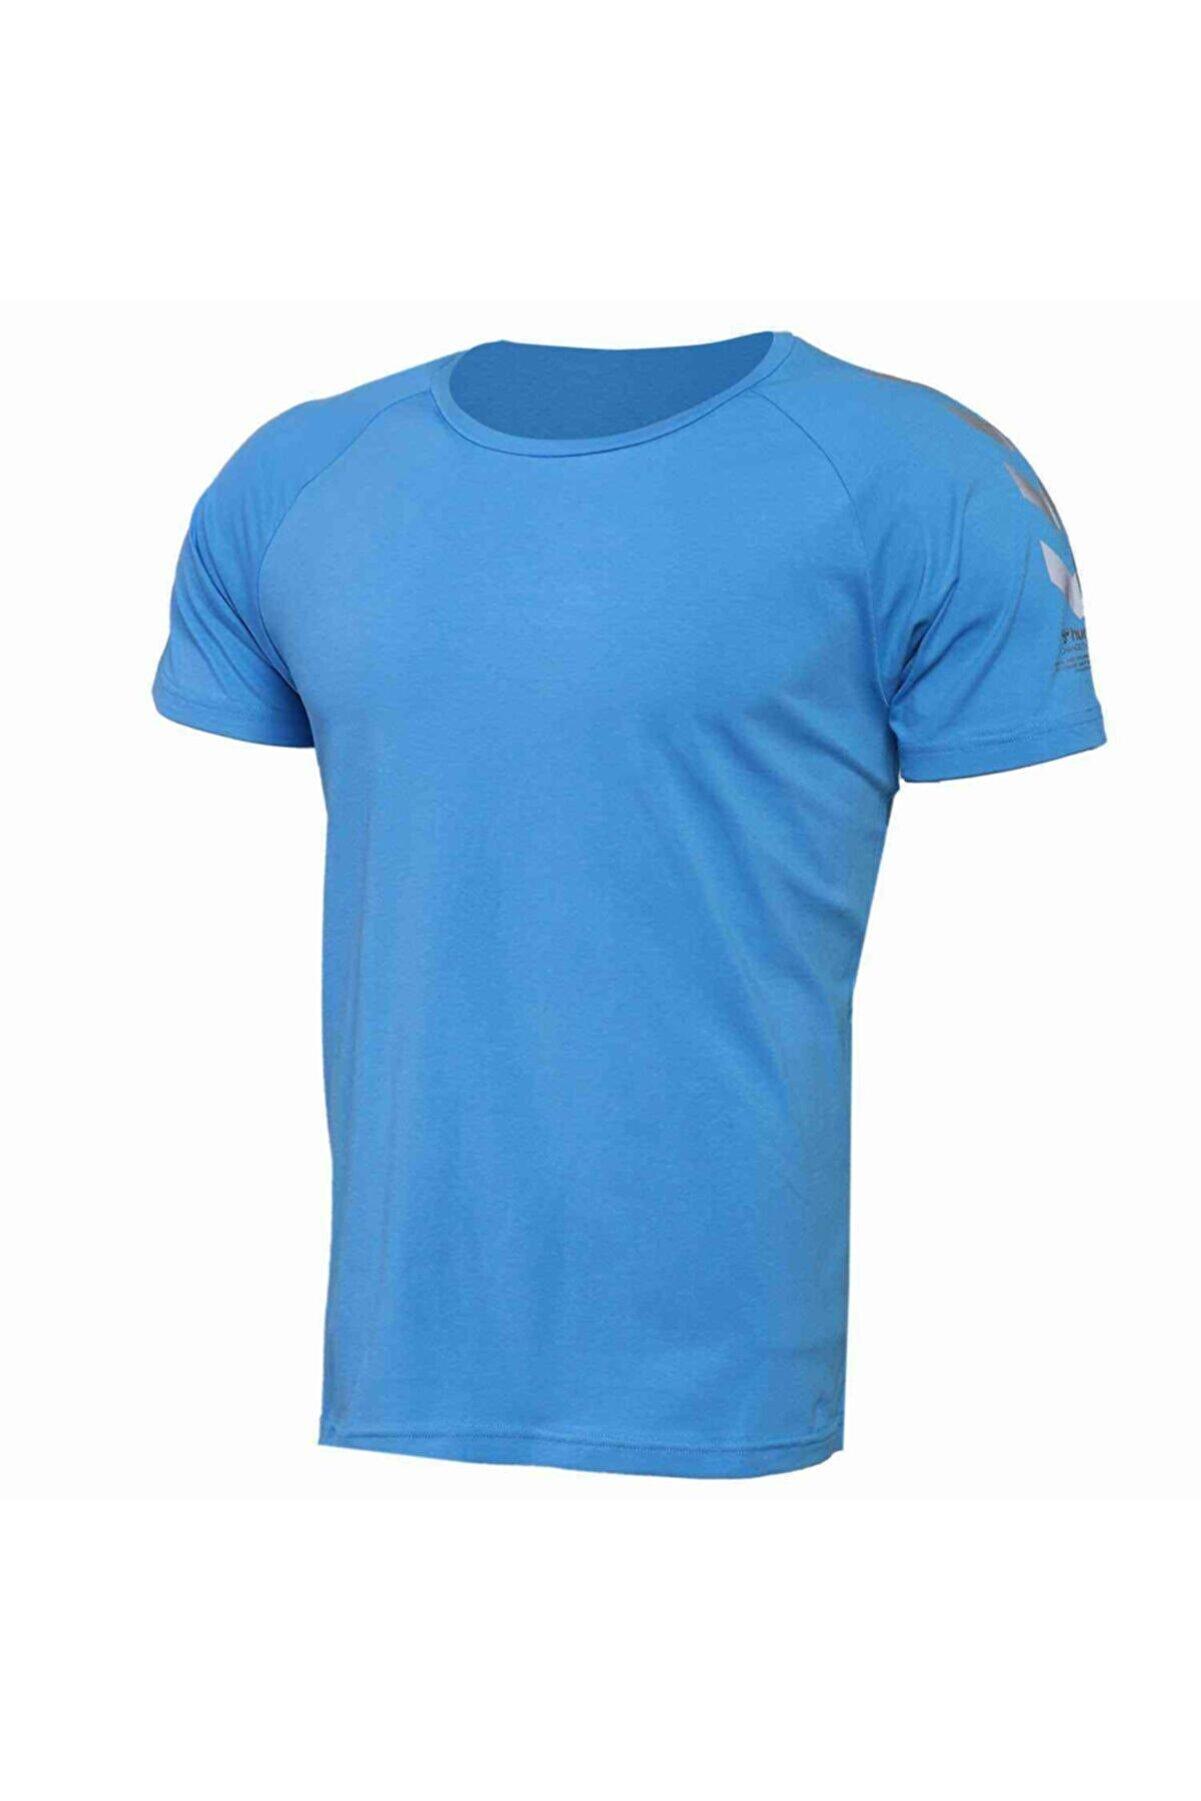 HUMMEL HMLPETTE T-SHIRT S/S Mavi Erkek T-Shirt 101086320